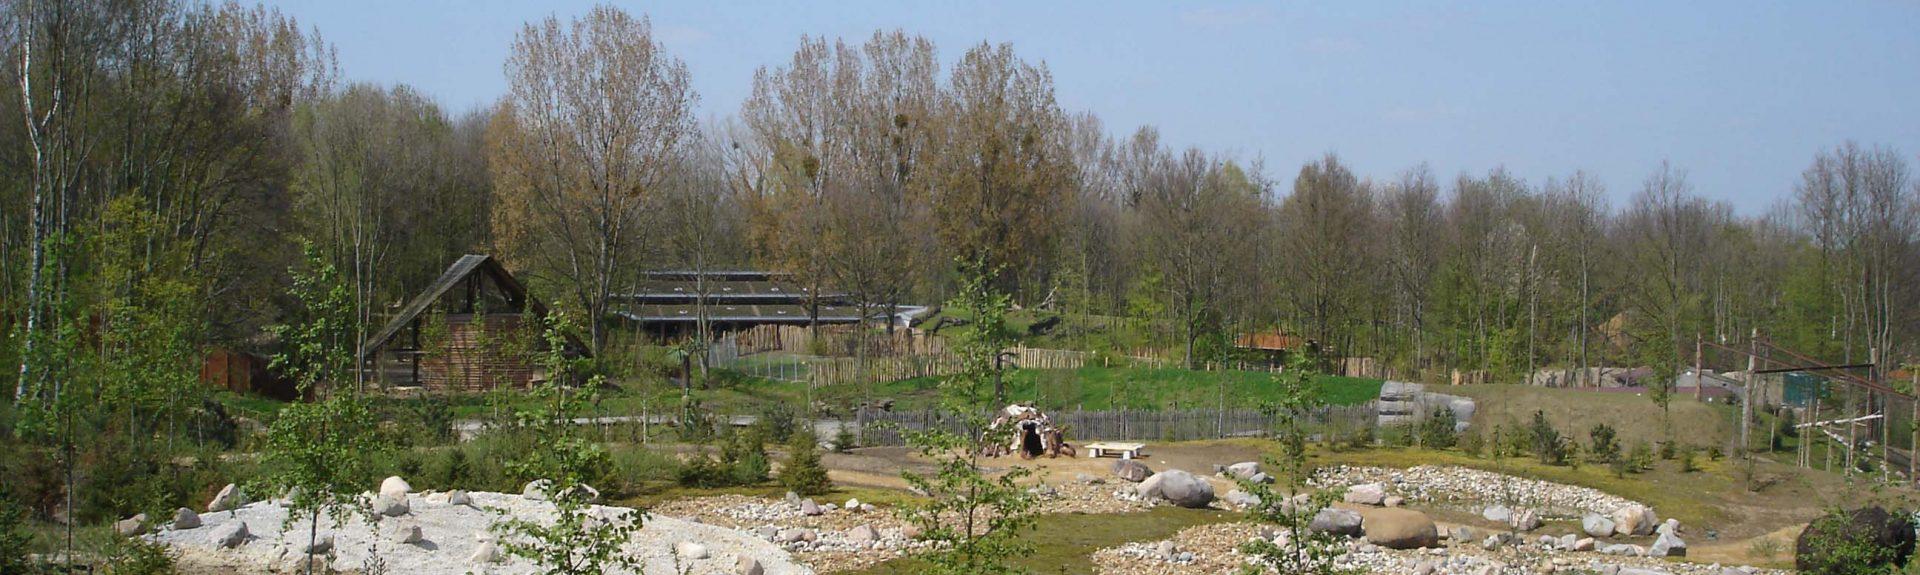 2016-00 GaiaPark Zoo WEB 2